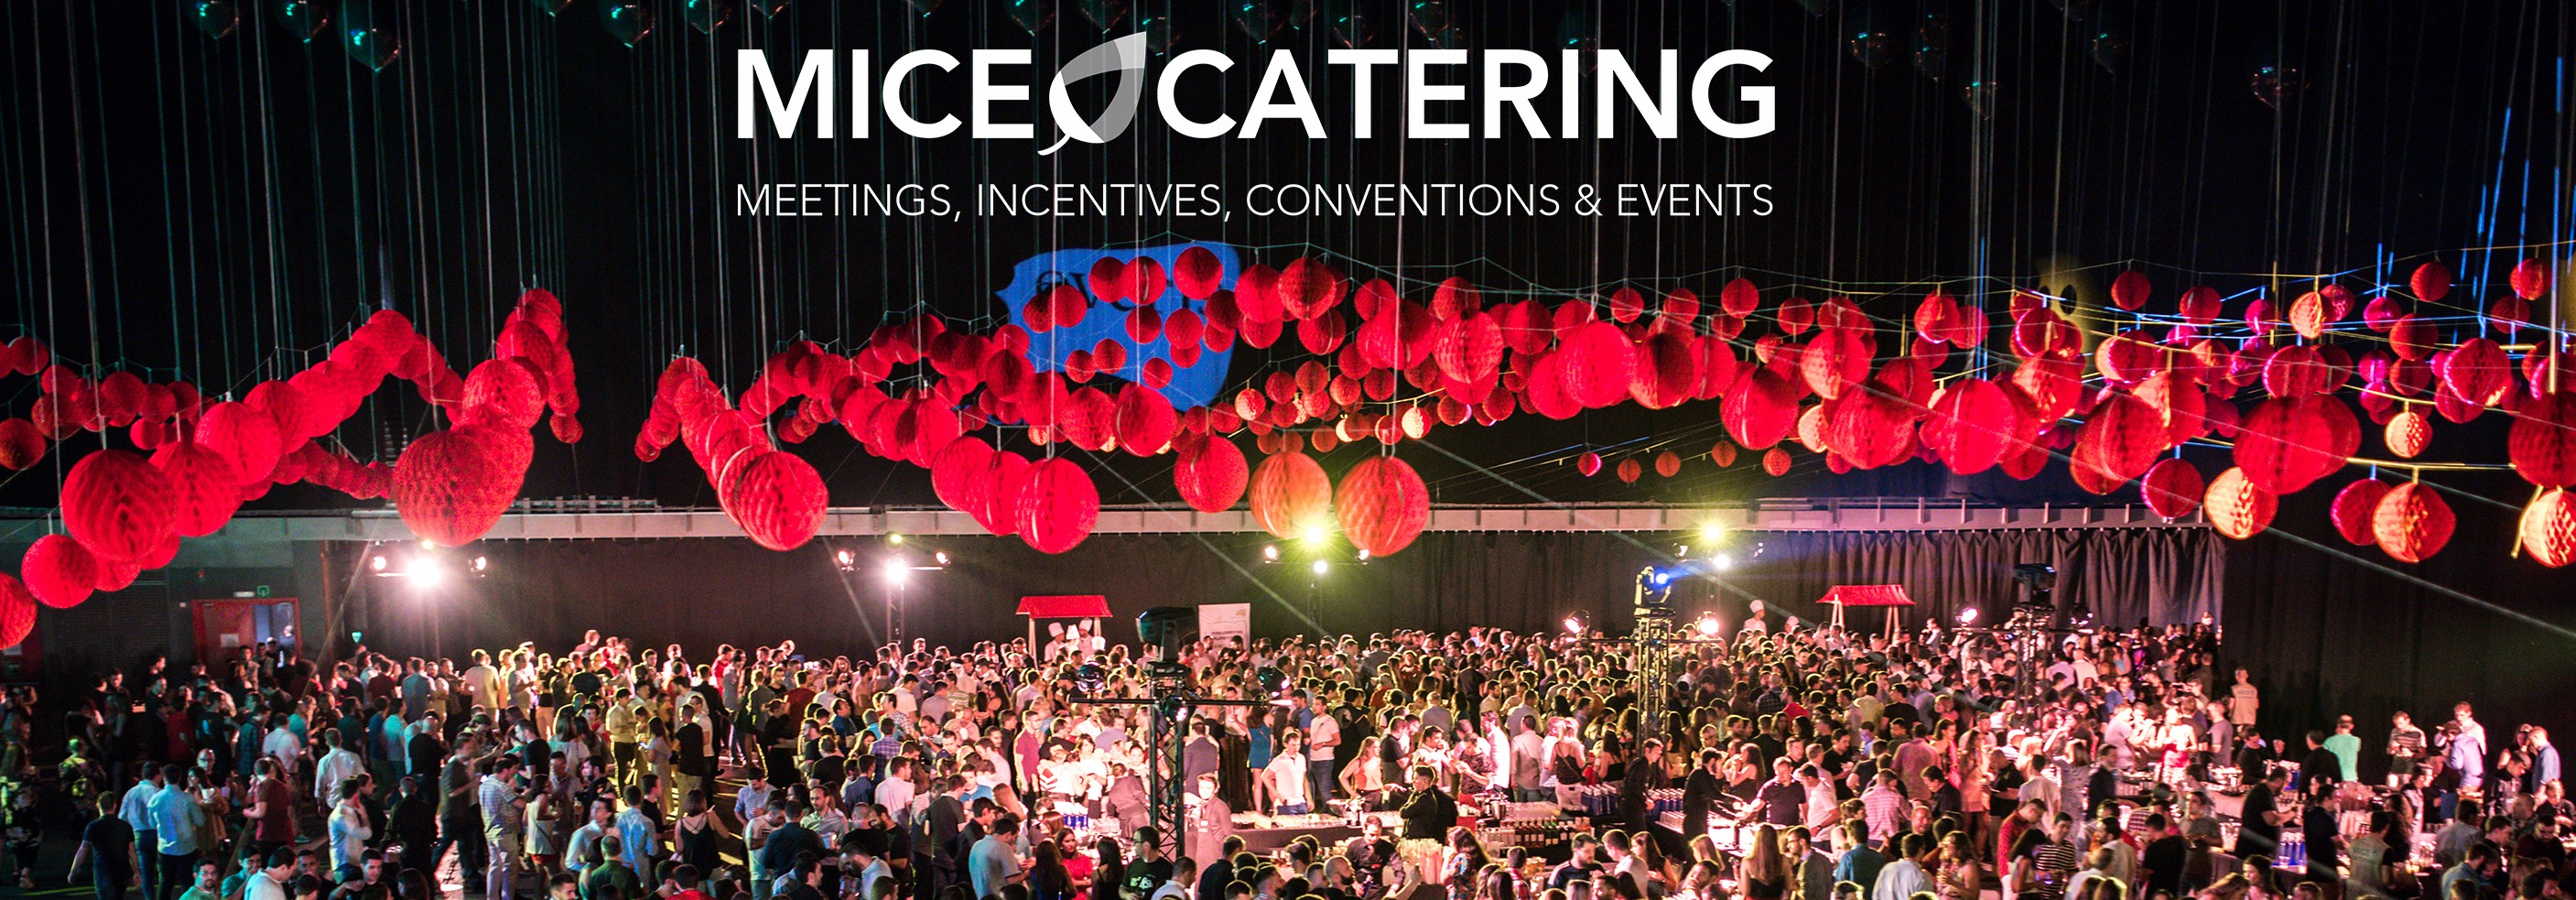 MICE CATERING especialistas en eventos presenciales y virtuales ...